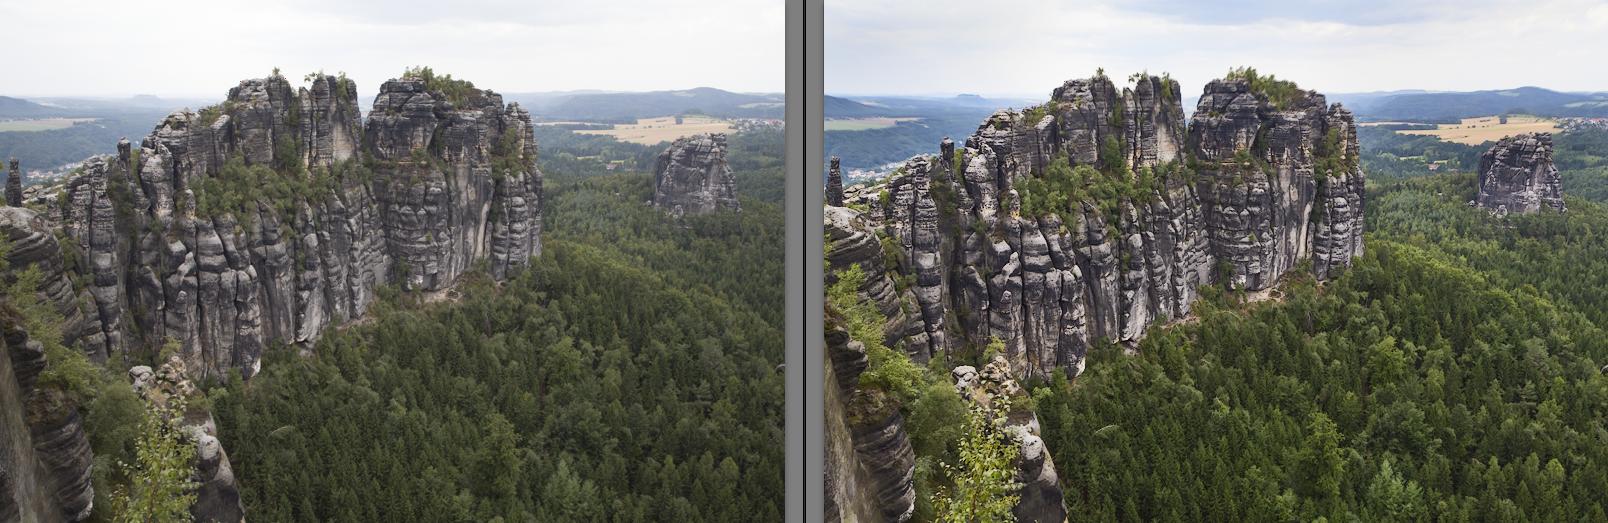 Auch bei Landschaftsaufnahmen sind kleine Korrekturen effektiv: Details im Himmel werden sichtbar, schwammige Kontraste klarer, Farben leuchtender